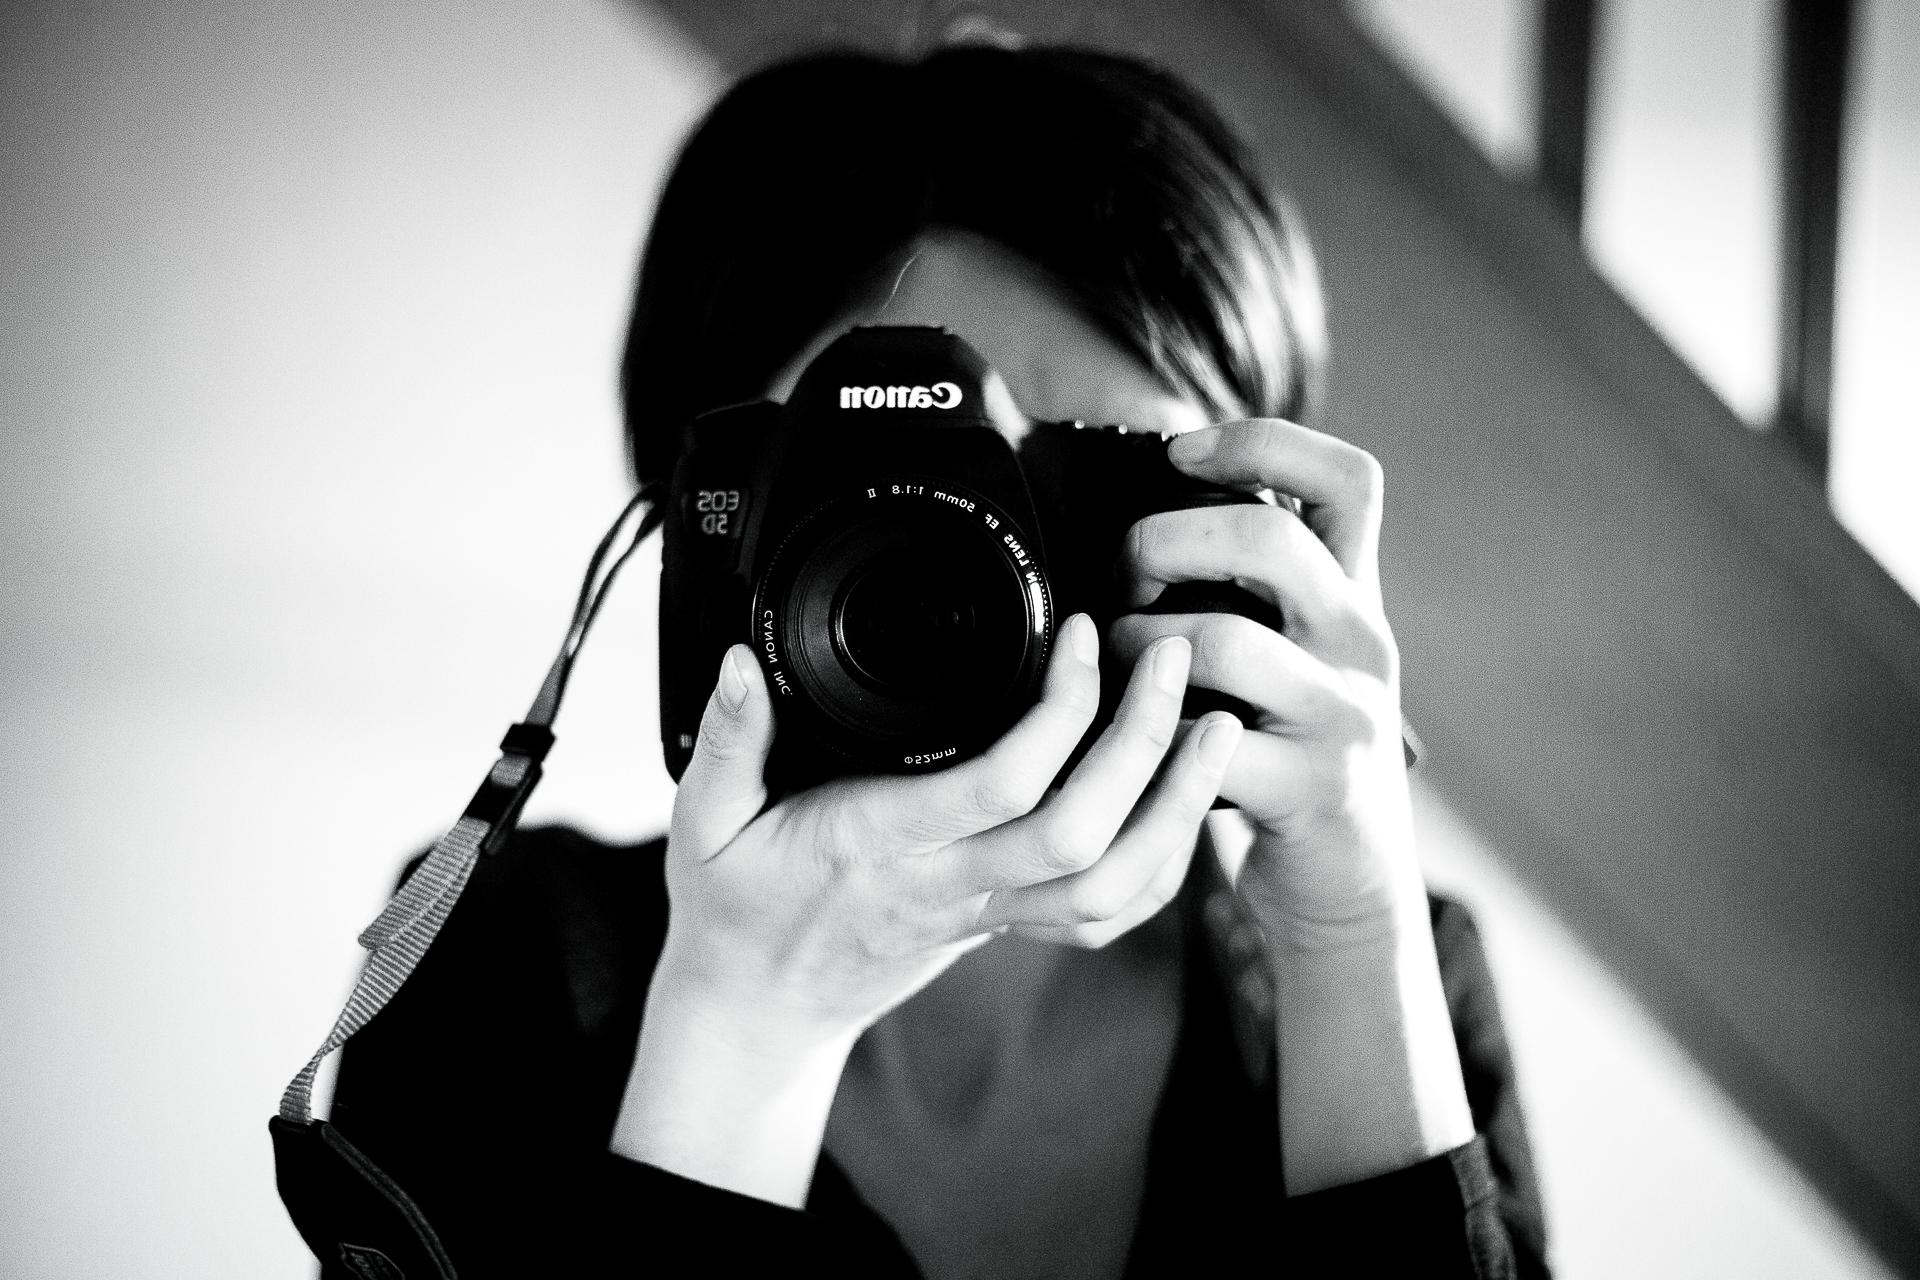 séance-photos-au-fil-de-soi-aline-pictures.jpg